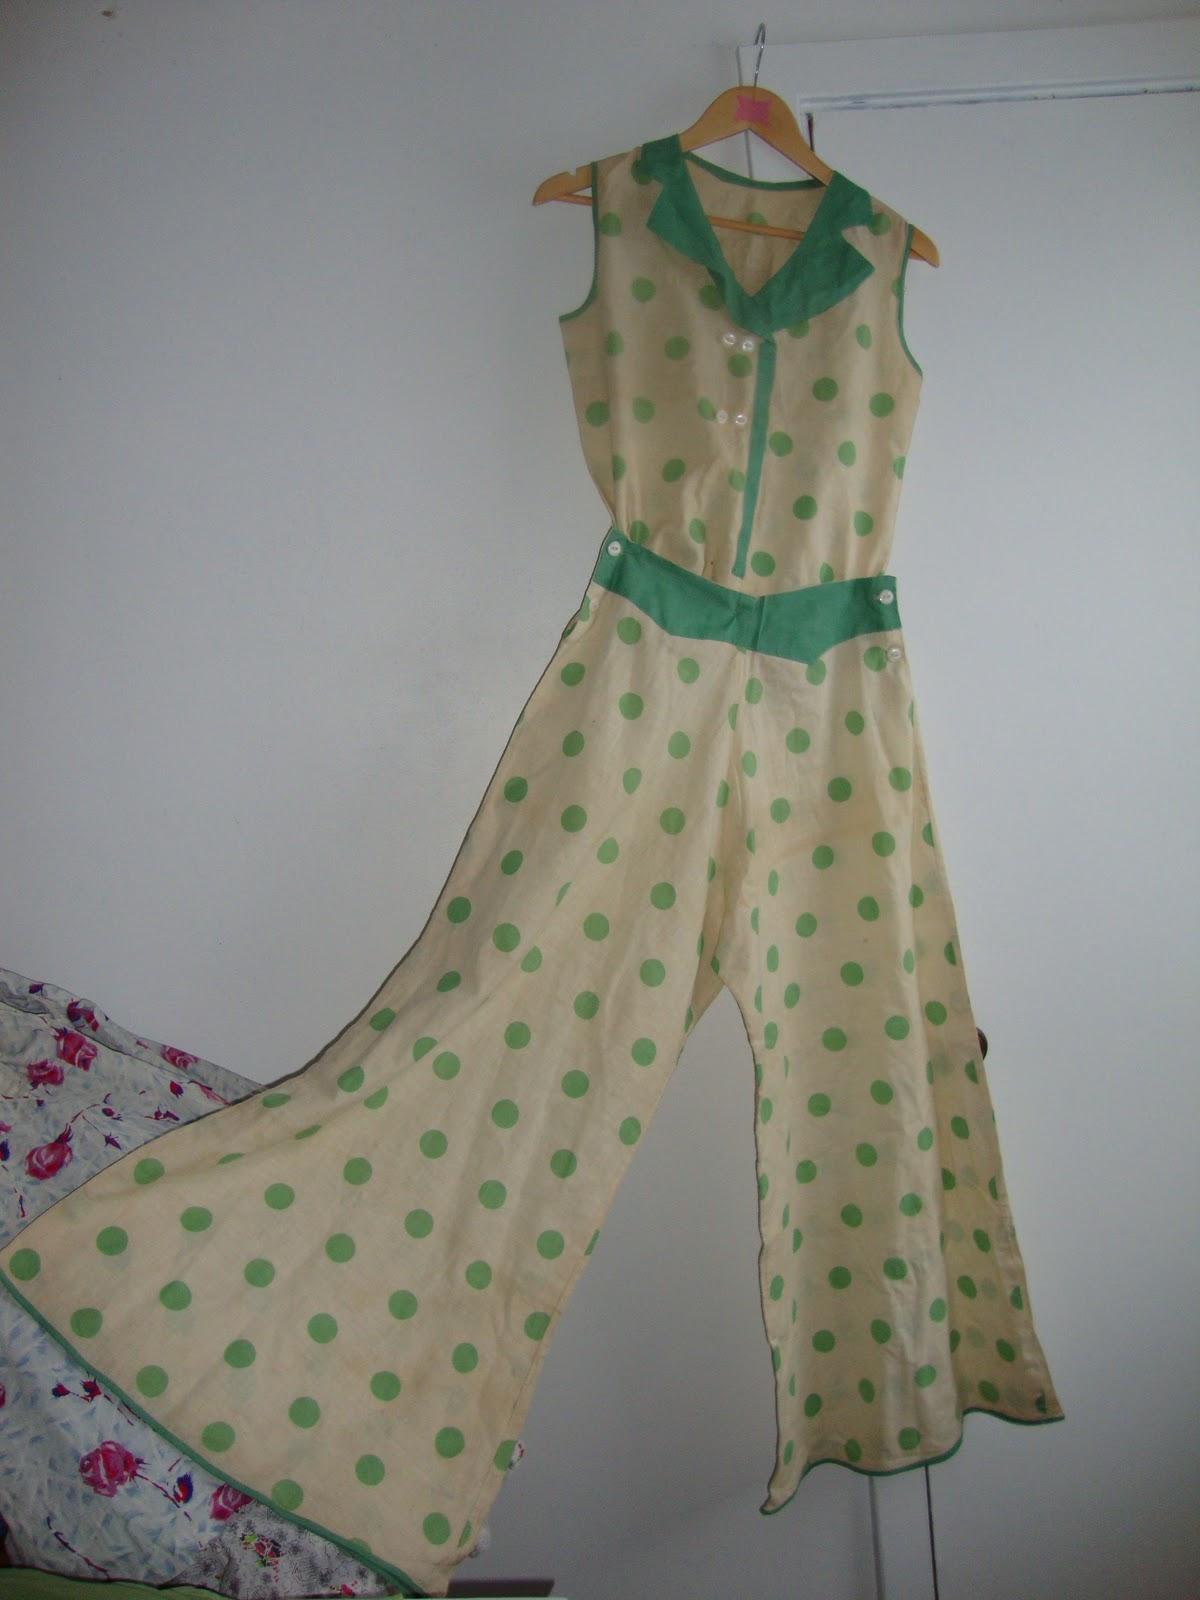 Adelines Attic Vintage January 2011